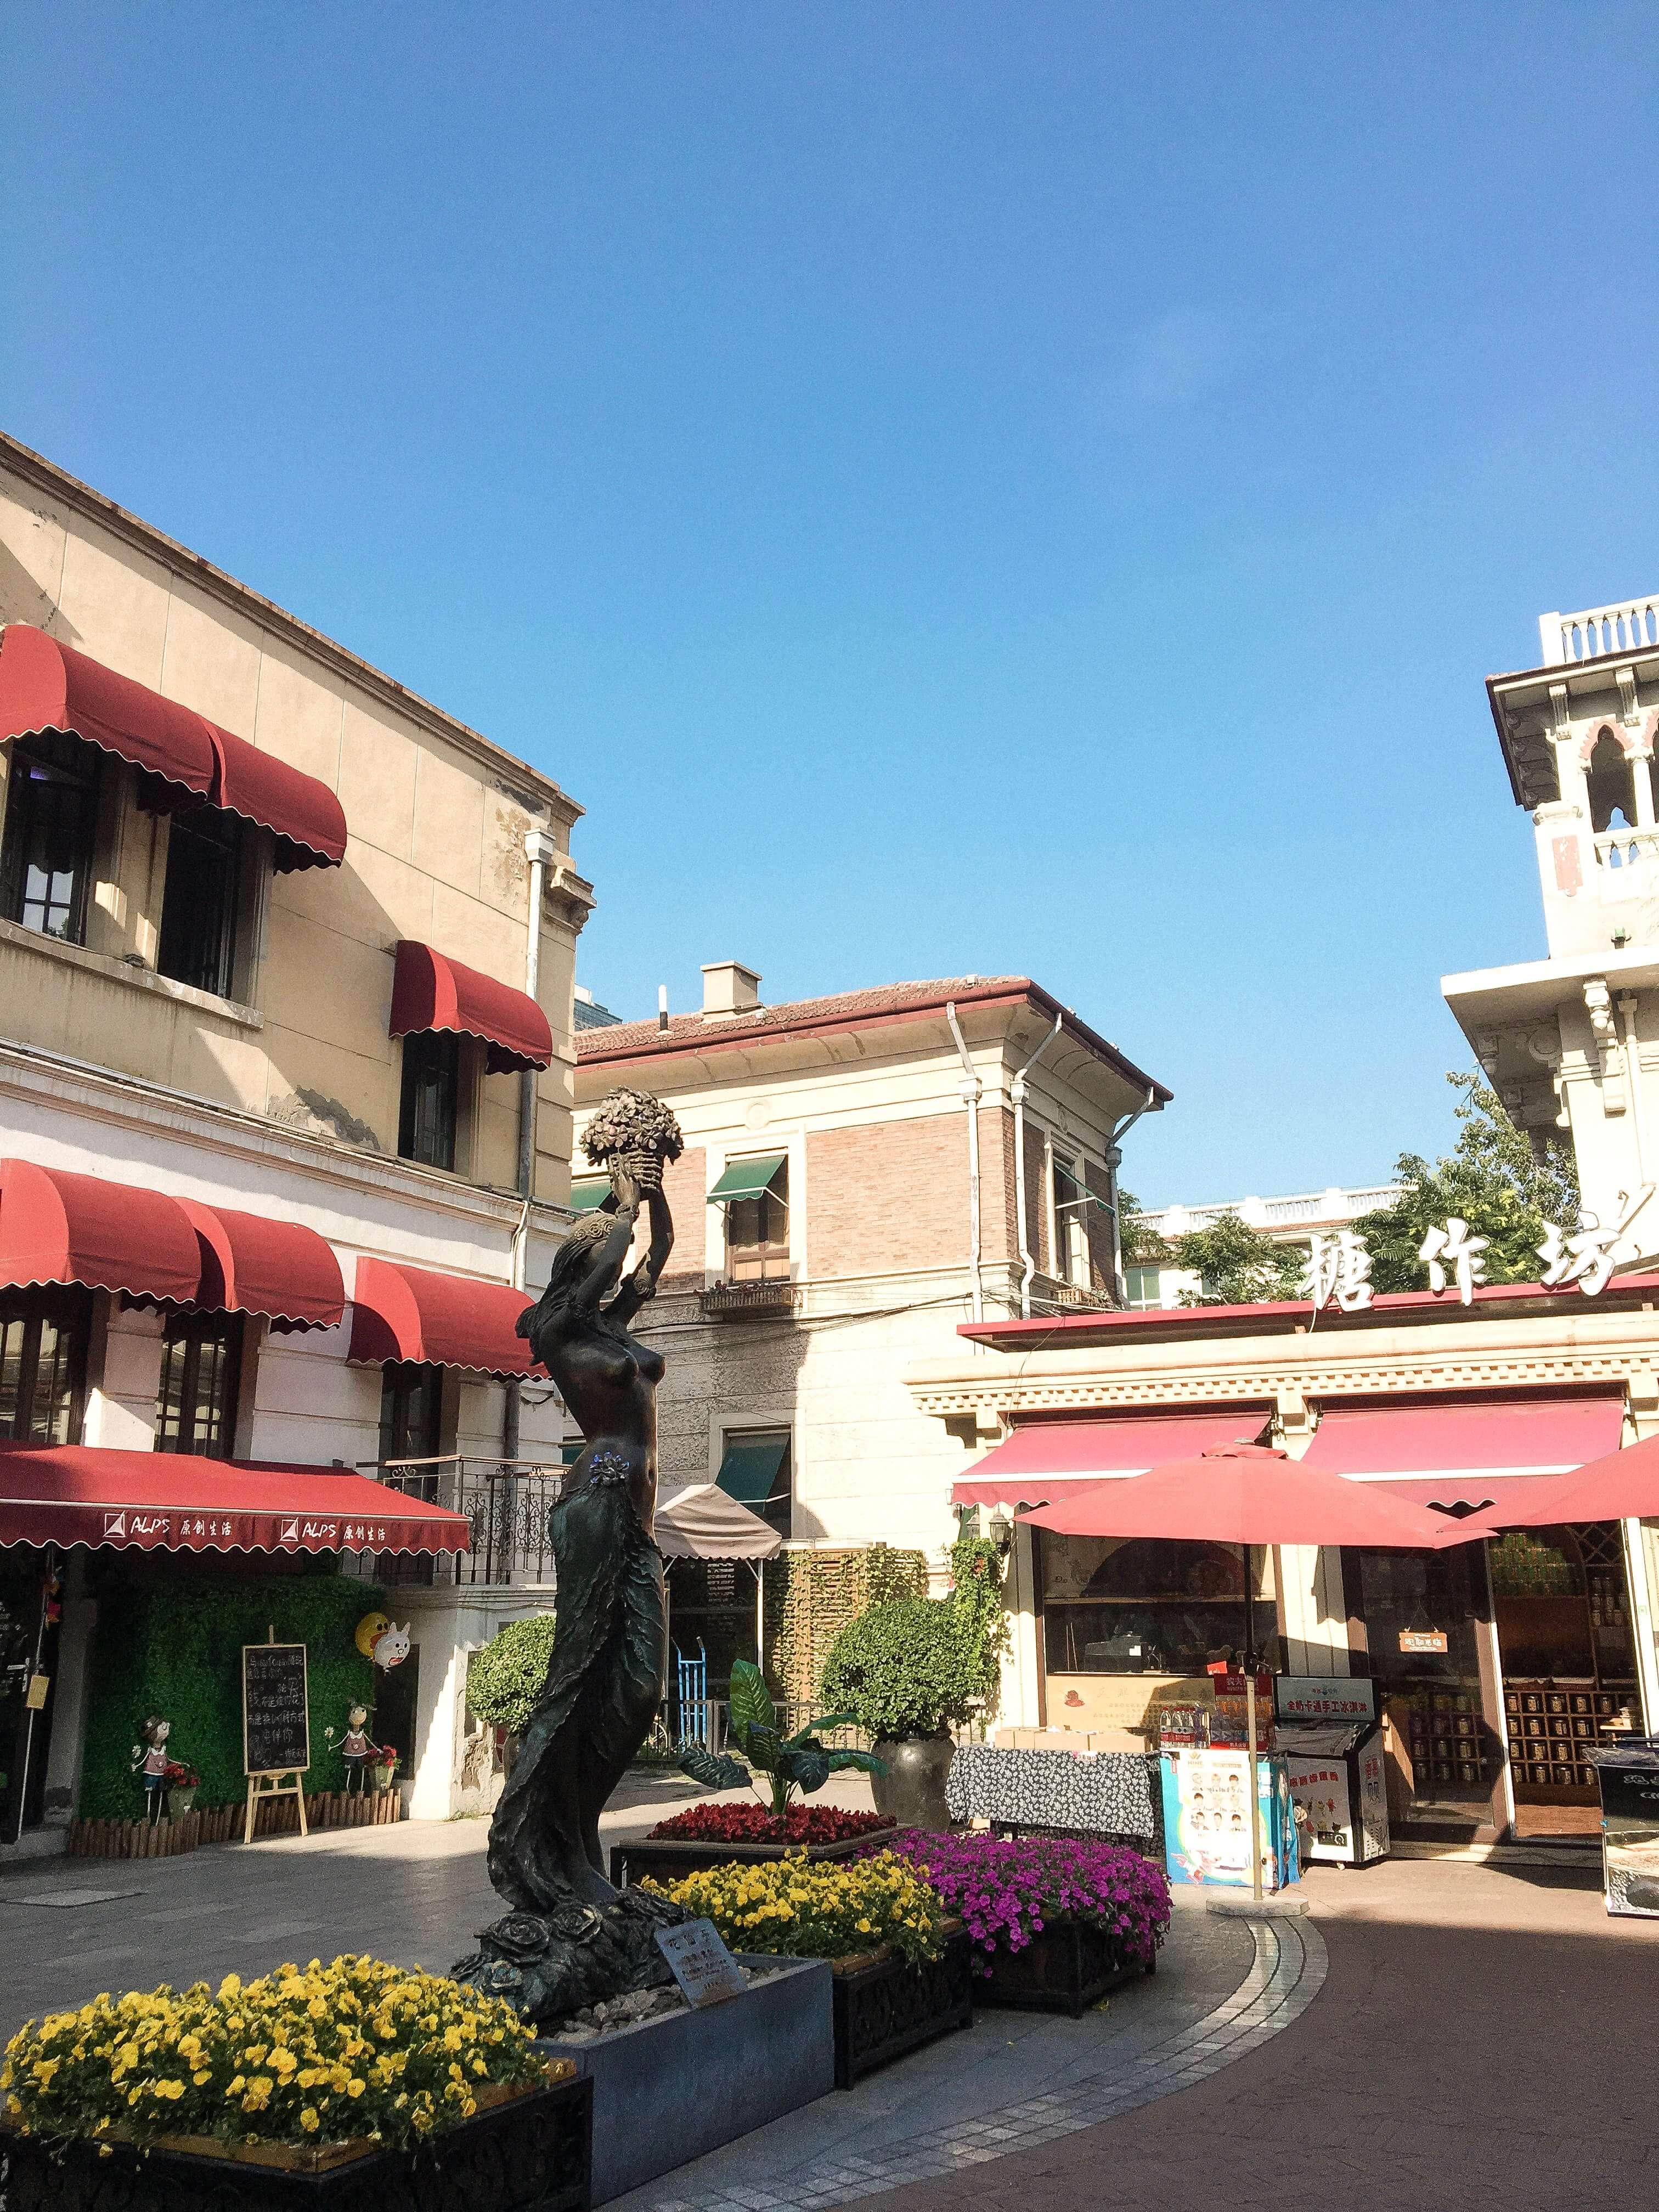 İtalyan Sokağı - Tianjin'de Gezilecek Yerler